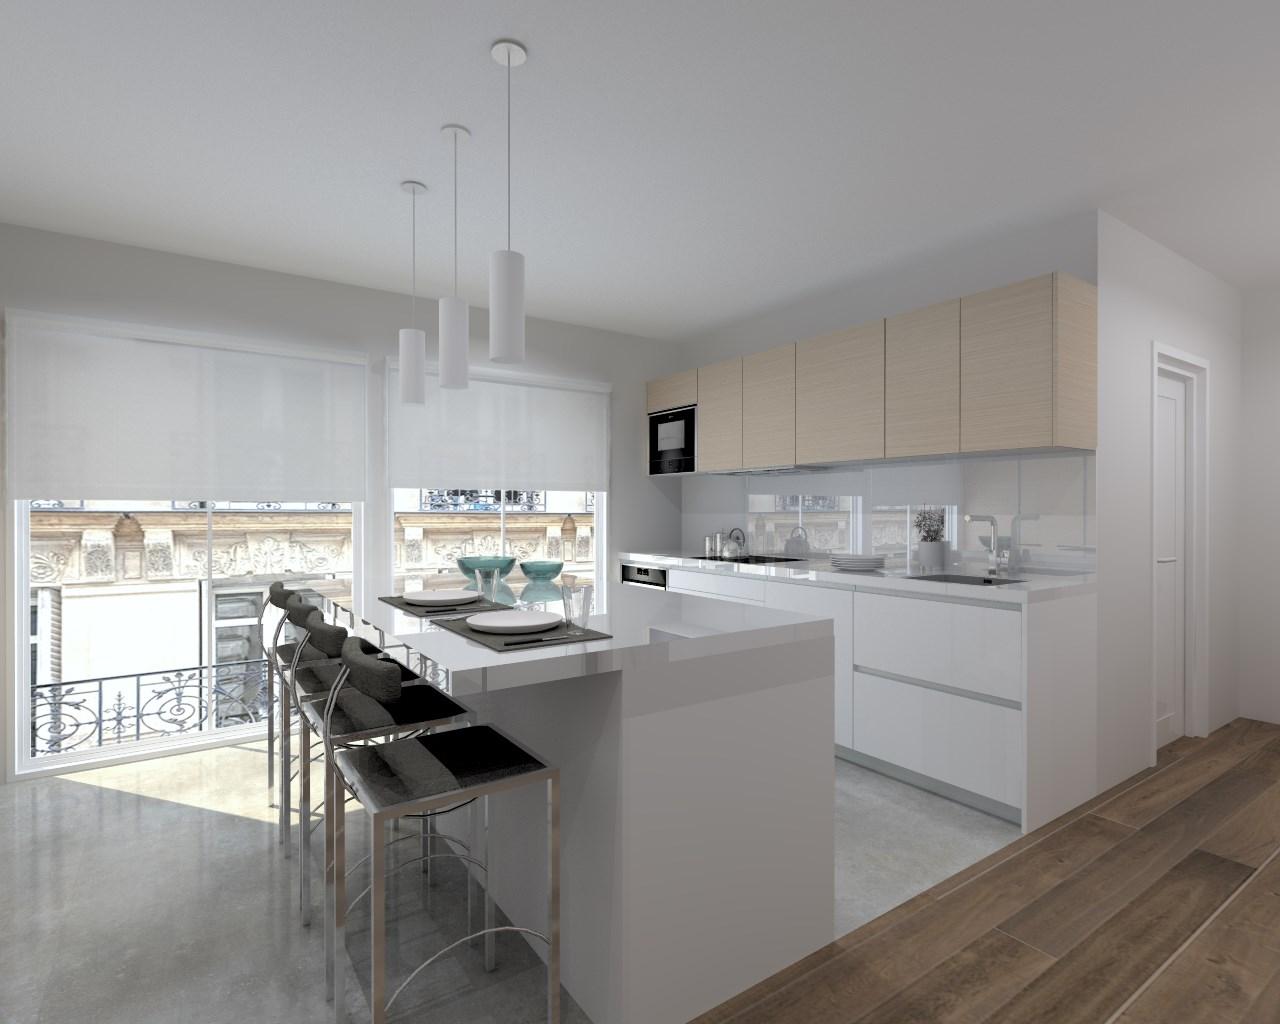 Cocina santos modelo line estratificado blanco y roble for Modelos de cocinas 2016